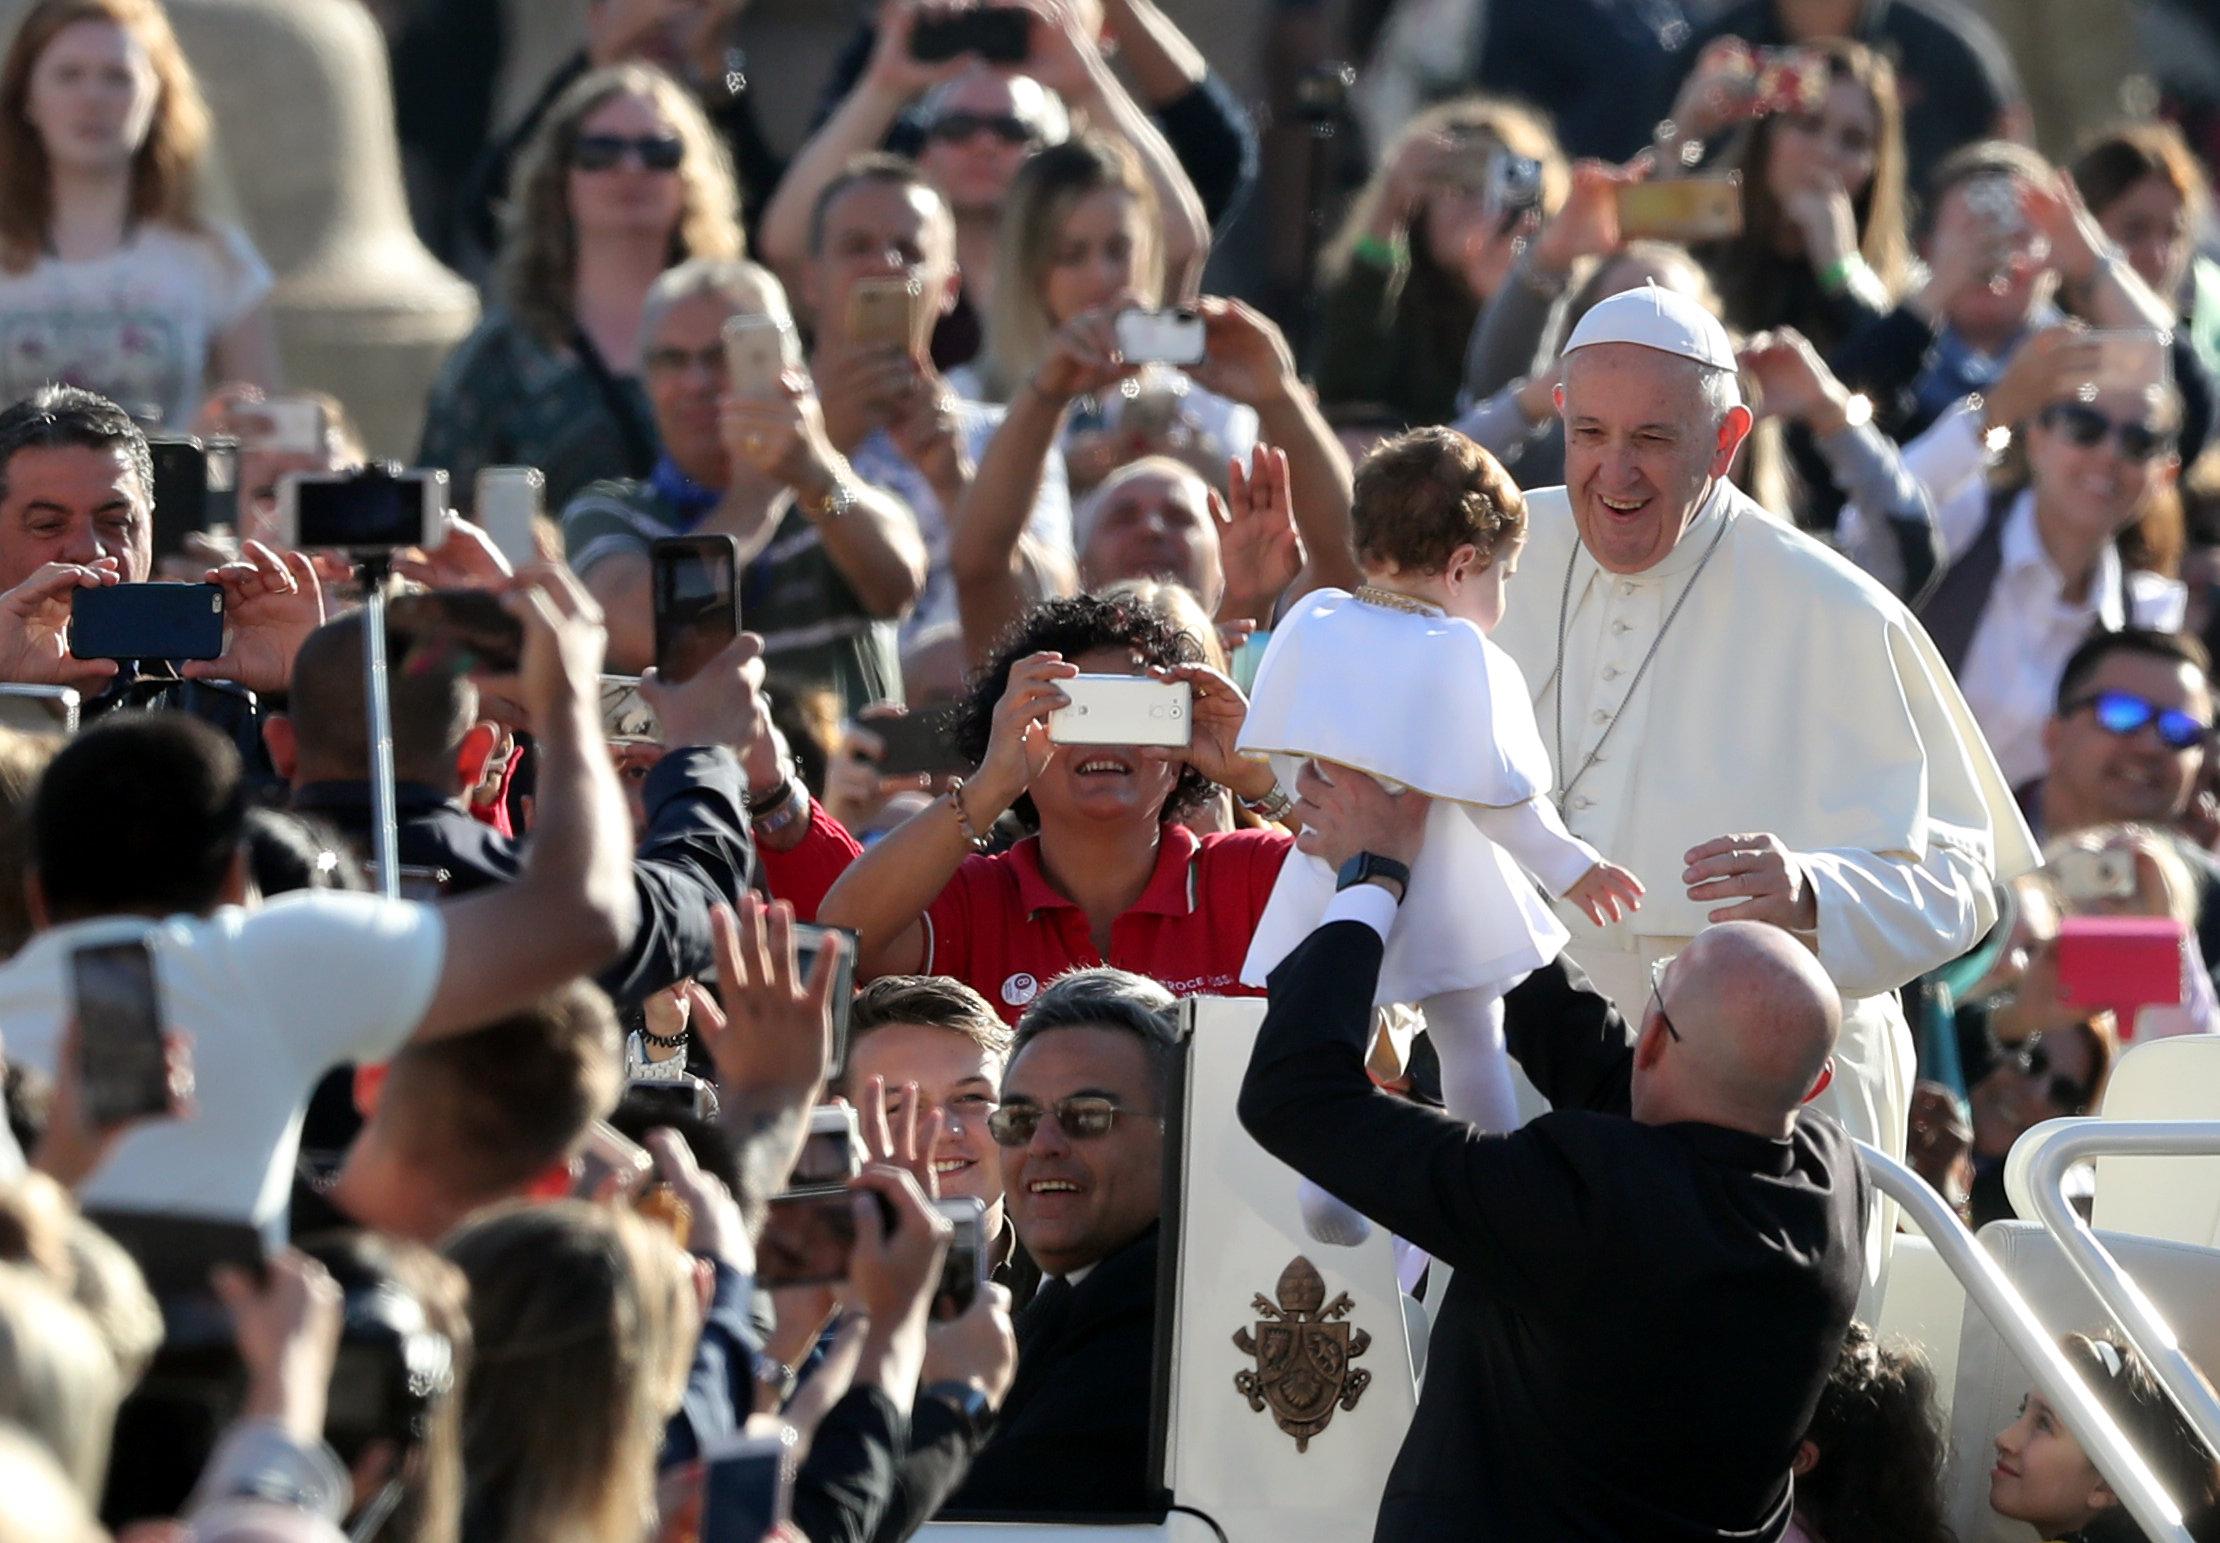 El papa con un bebé durante la audiencia del miércoles (REUTERS/Tony Gentile)